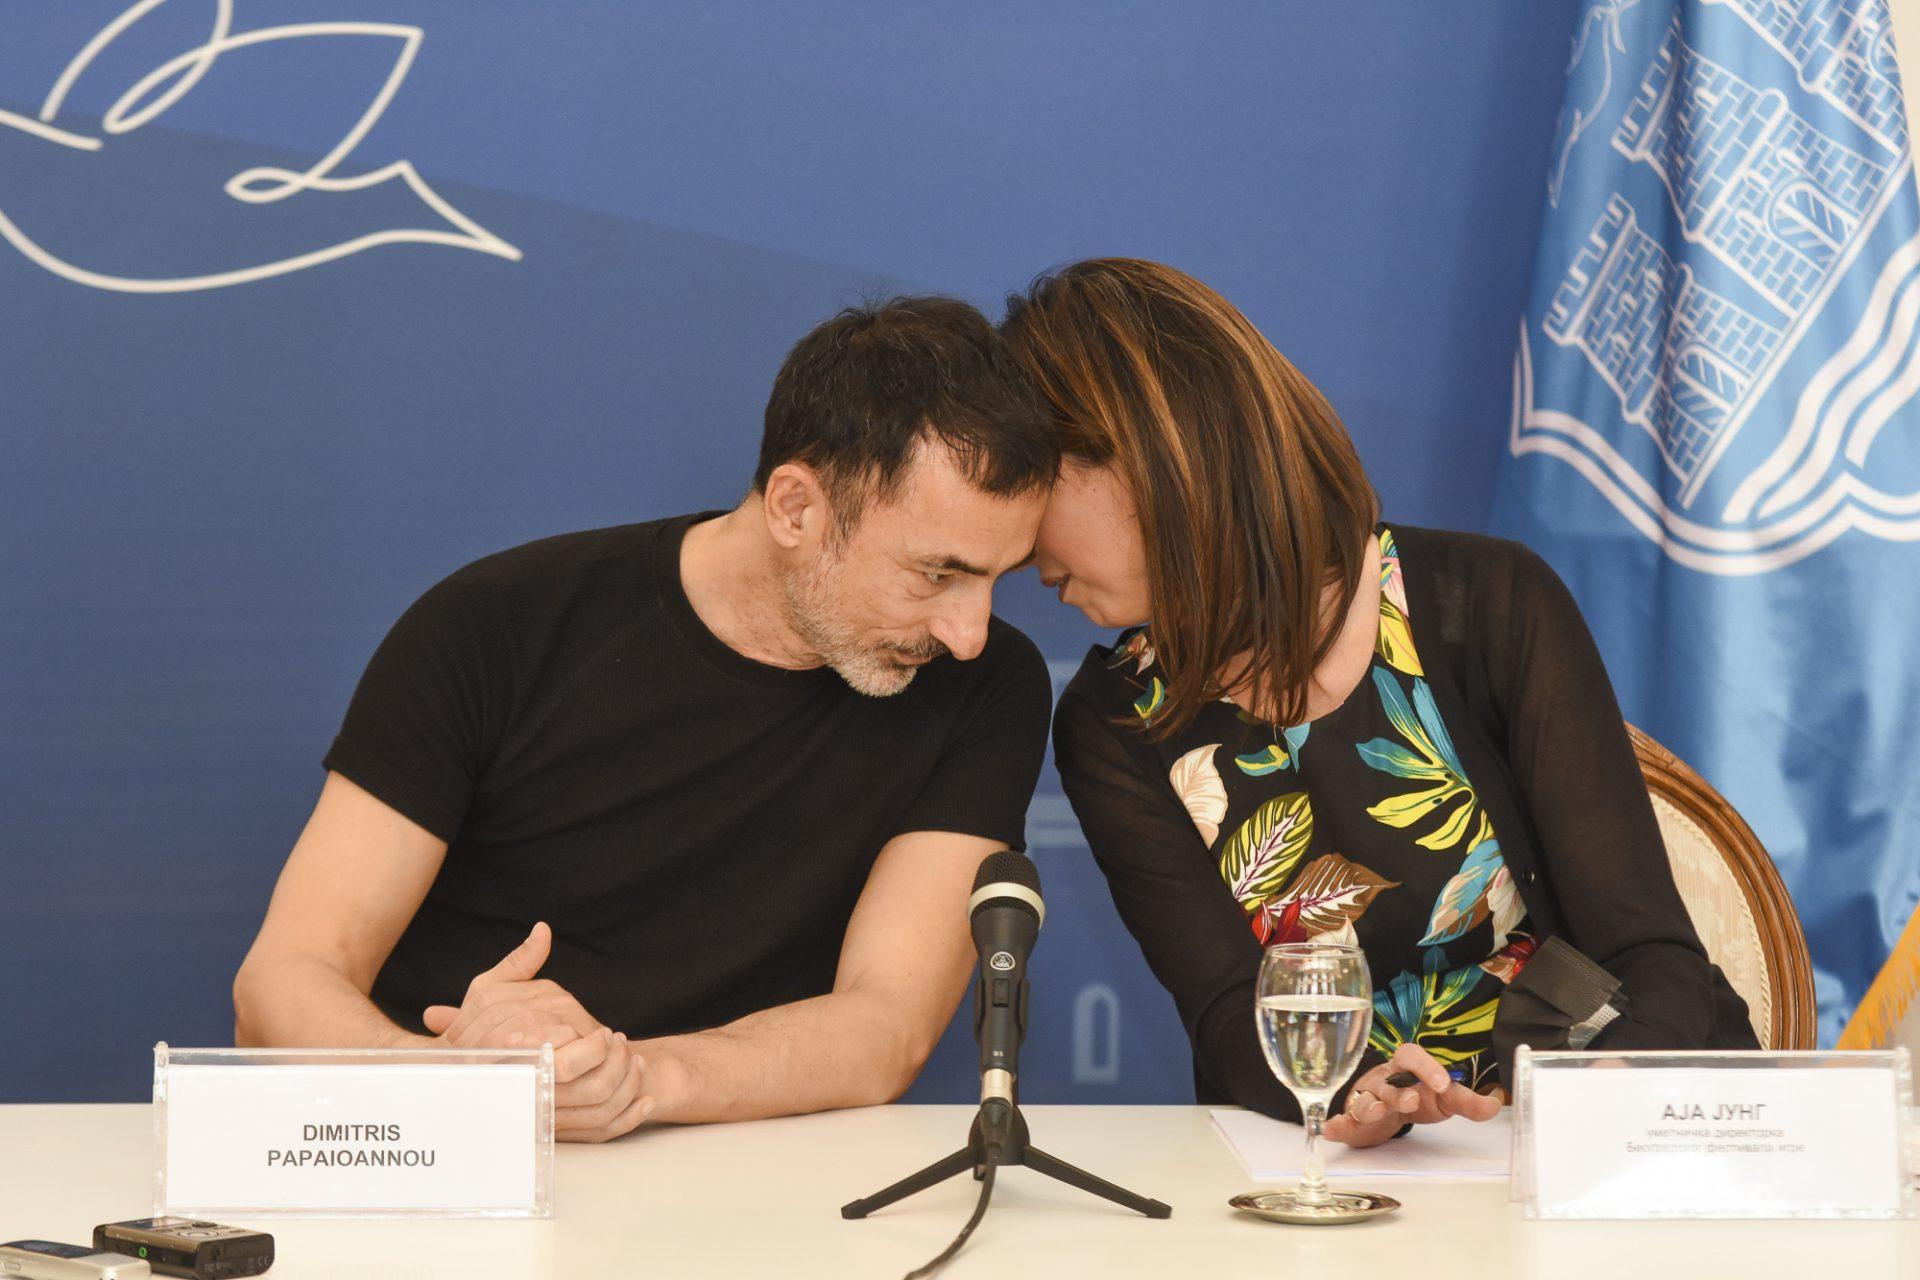 Novi Sad, Dimitris Papajoanu i Aja Jung Festival igre